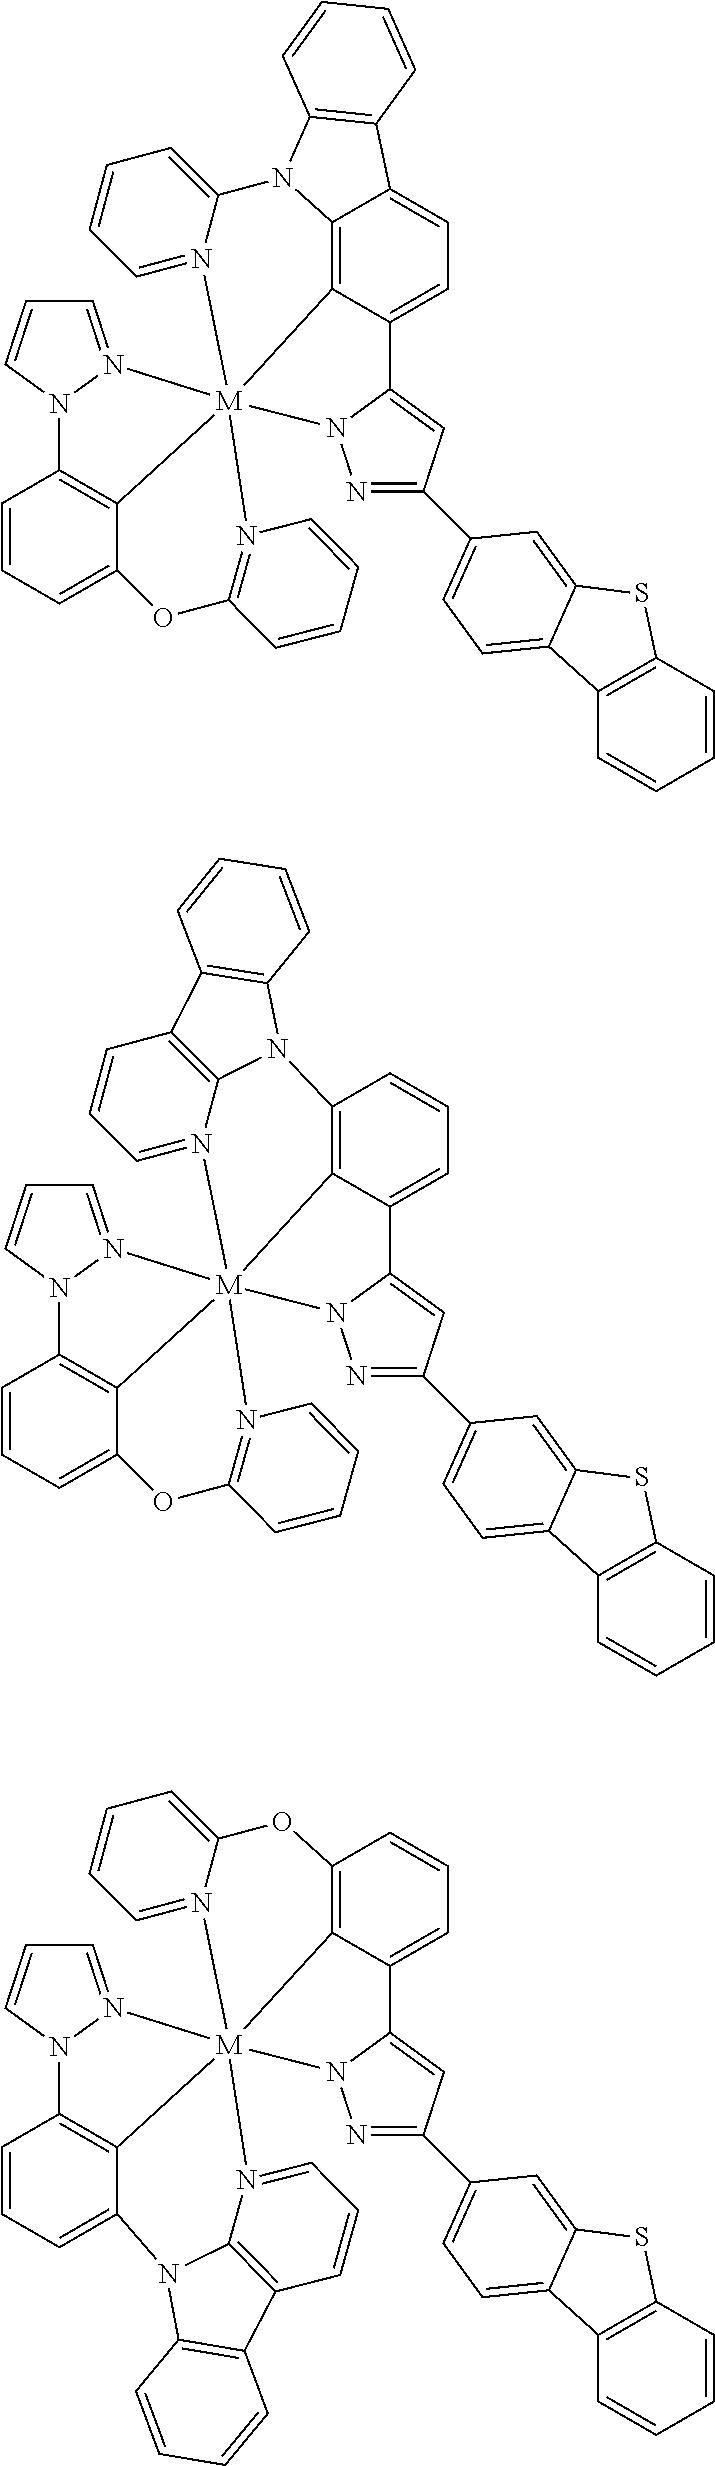 Figure US09818959-20171114-C00348